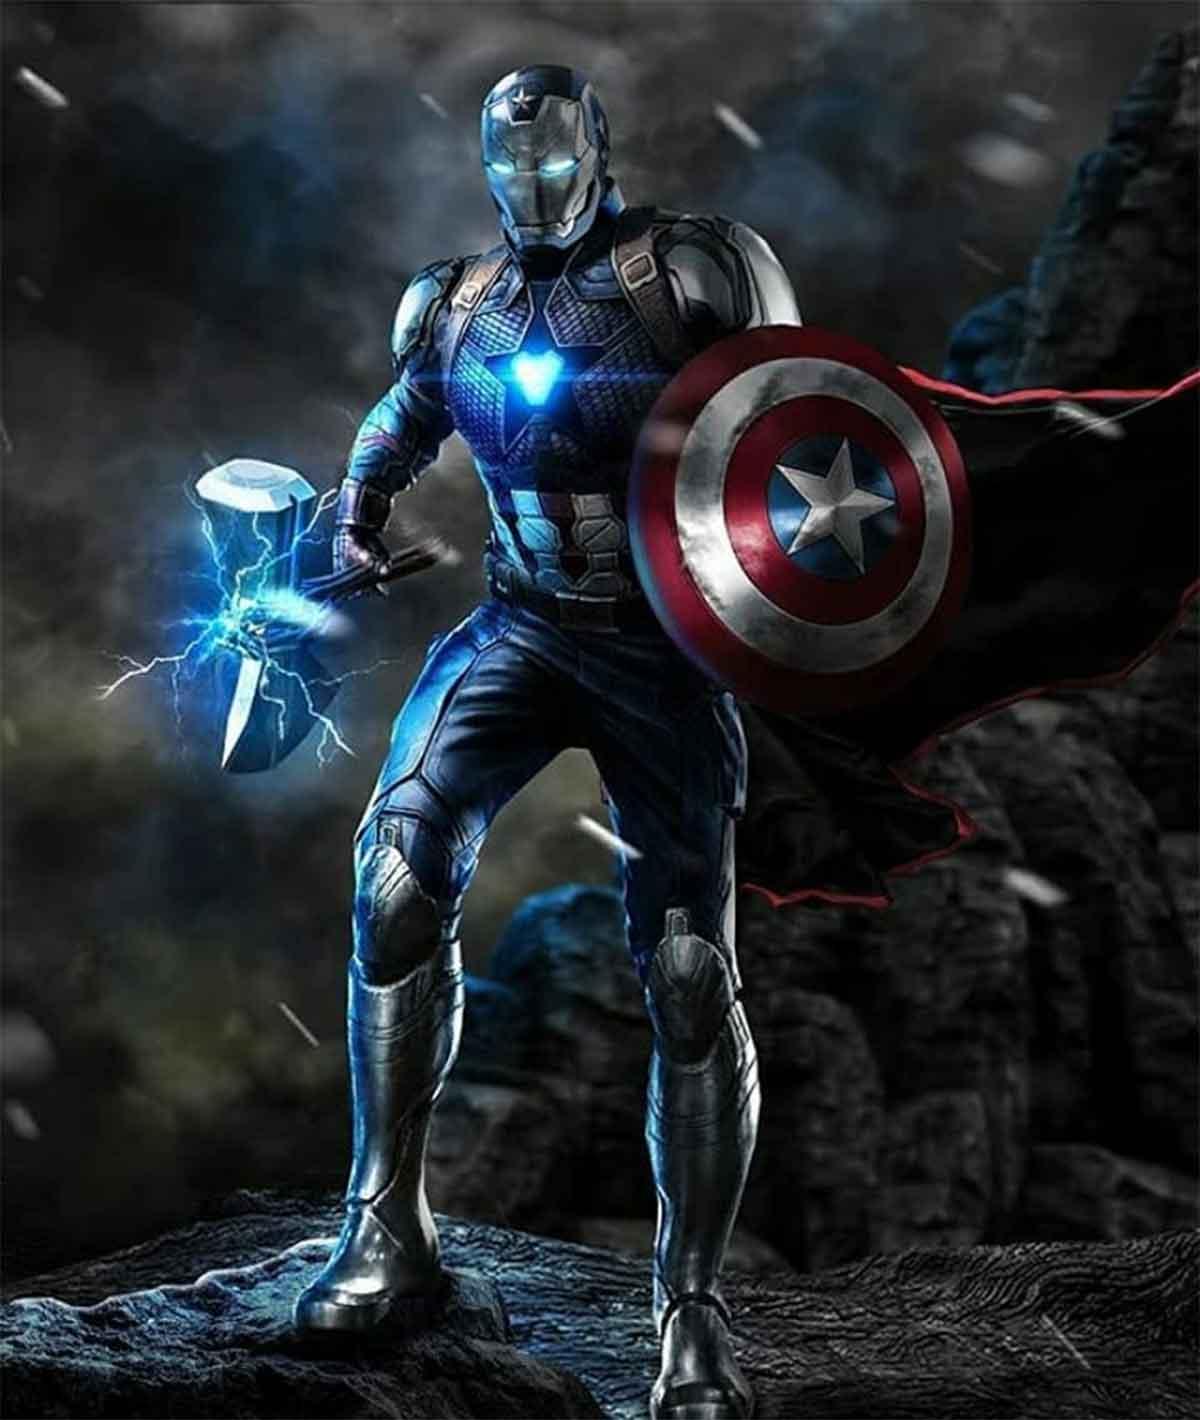 Espectacular Fan Art de Iron Man, Capitán América y Thor combinados